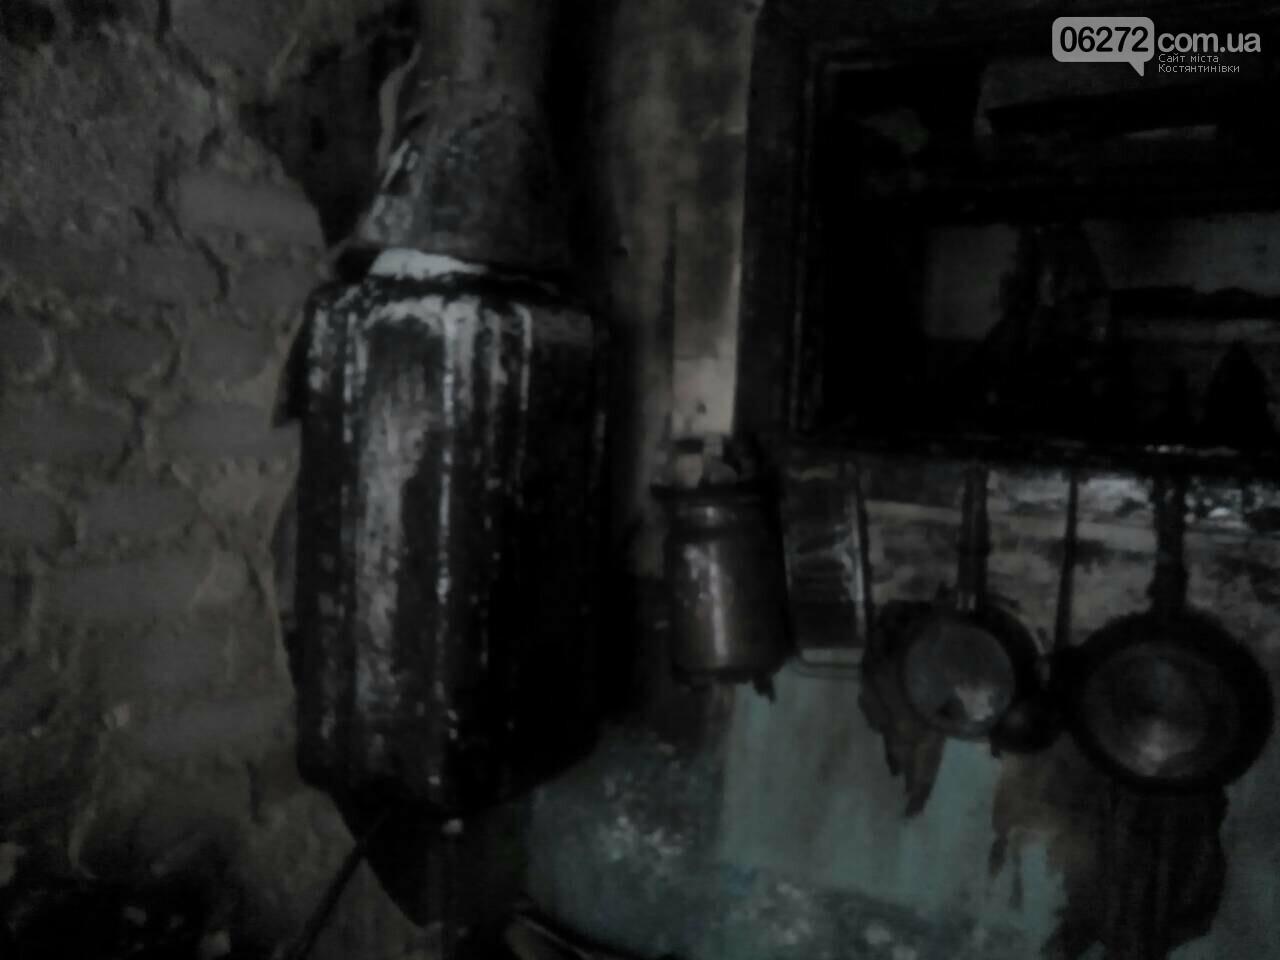 В Константиновке во время пожара погибла женщина, фото-1